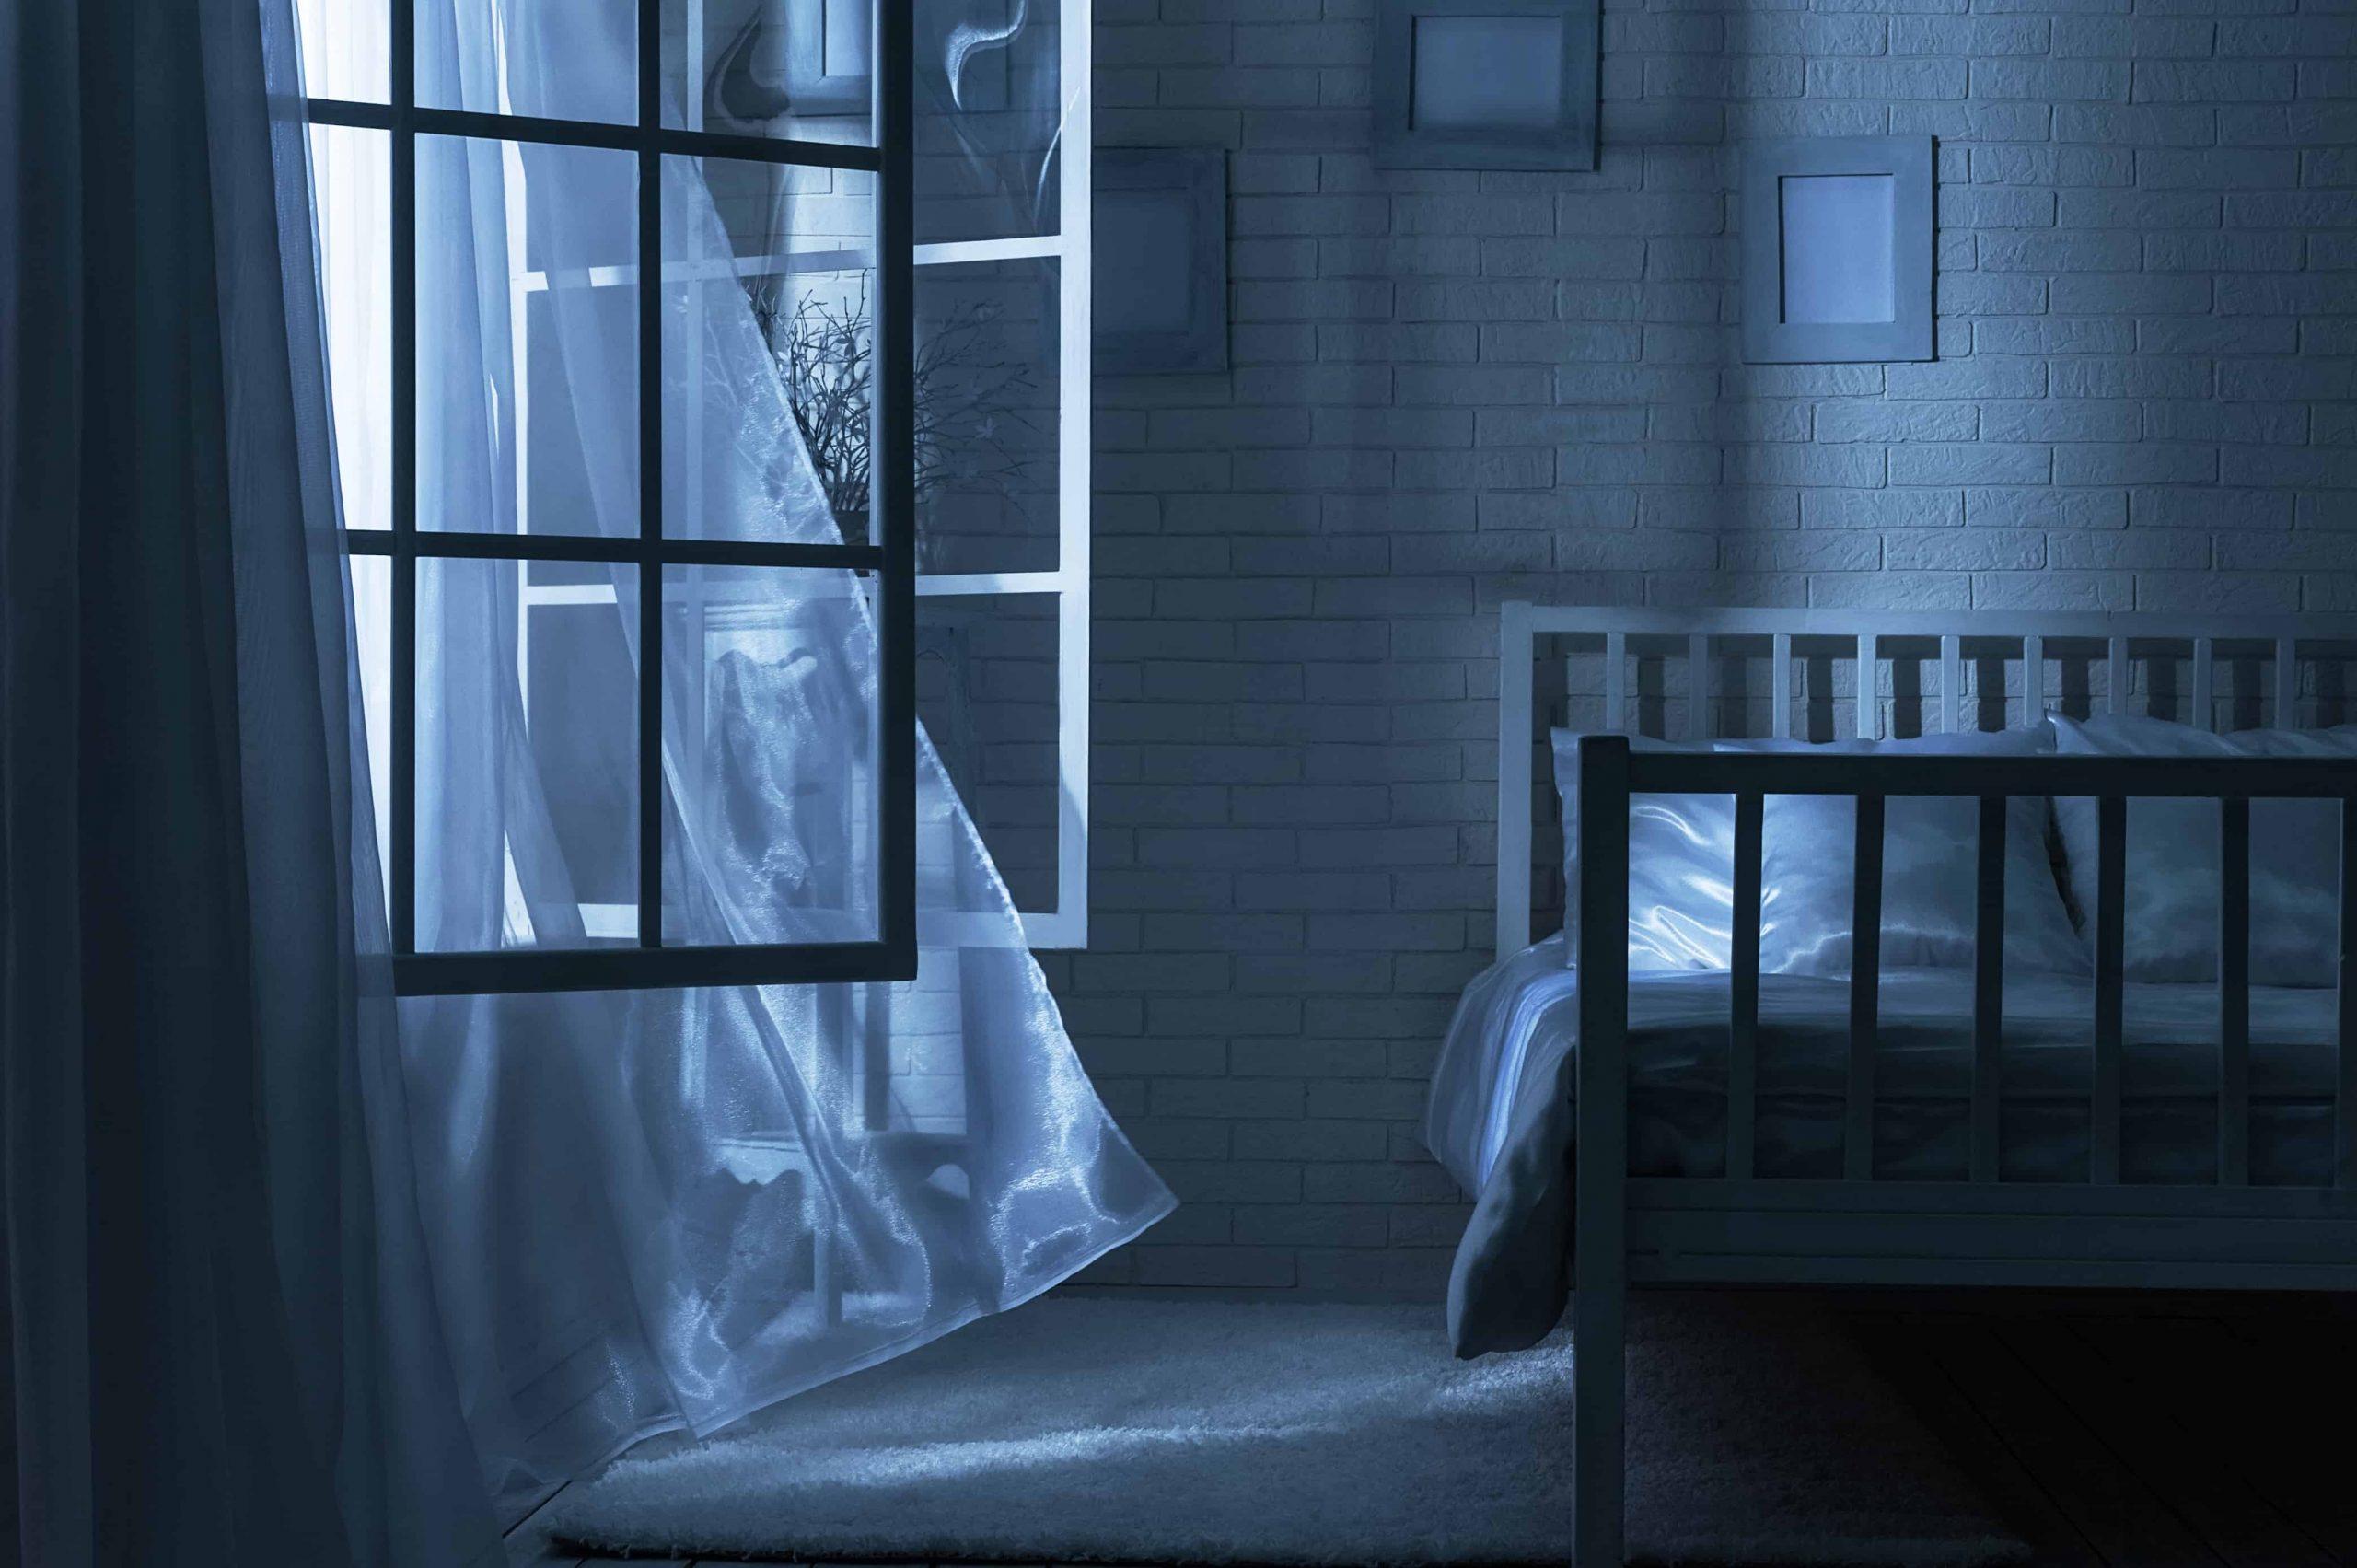 Full Size of Schlafzimmer Khlen Tipps Tricks Fr Khle Schlafrume An Vorhänge Romantische Klebefolie Für Fenster Tapeten Die Küche Landhaus Spiegelschrank Bad Spielgeräte Schlafzimmer Klimagerät Für Schlafzimmer